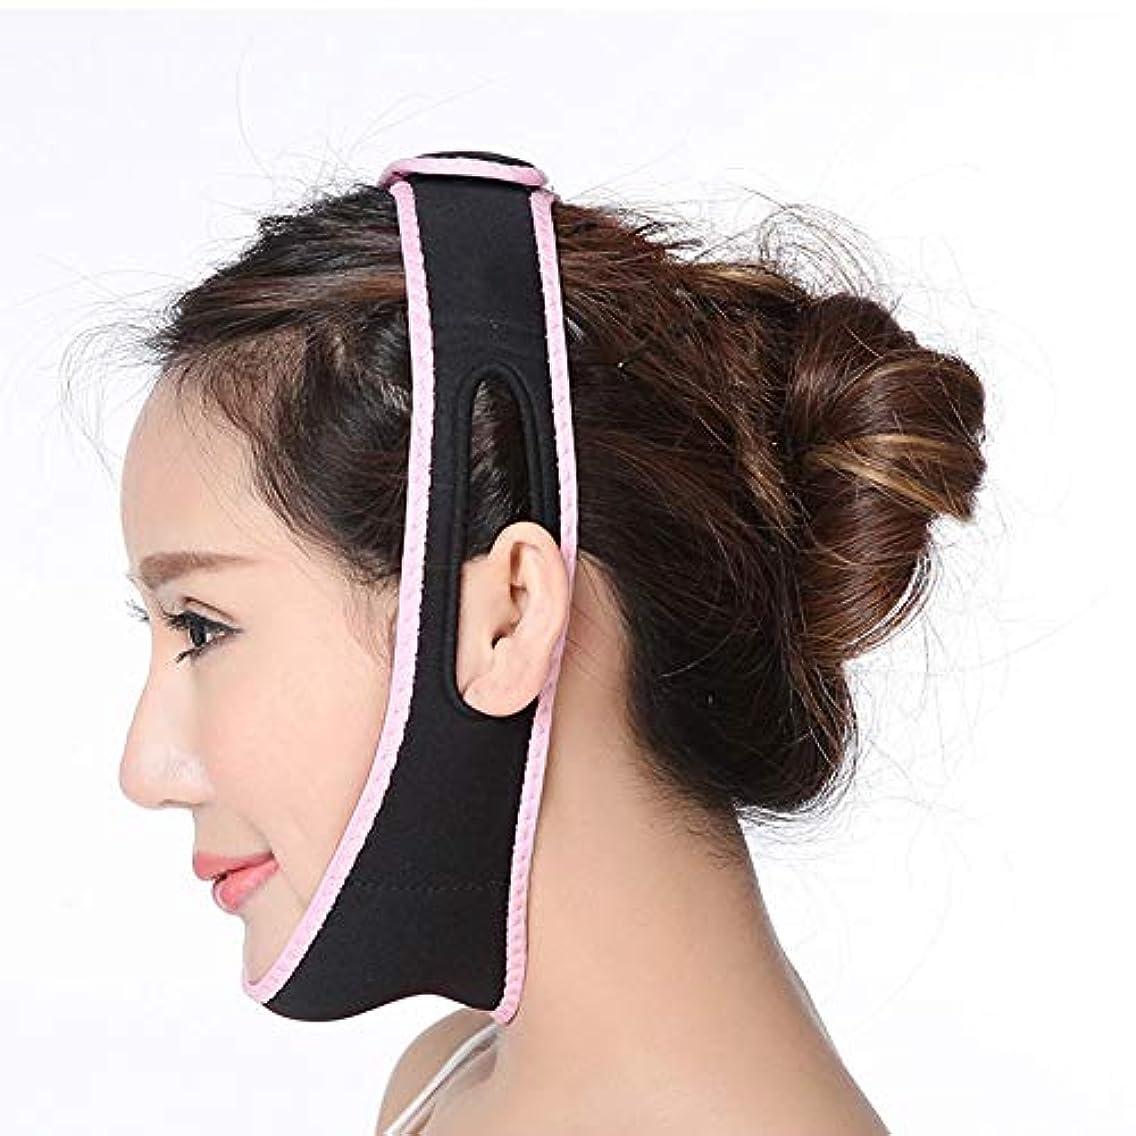 口降ろす米ドルJia Jia- フェイスリフティングアーティファクト3D薄型フェイス付き薄型シンフェイスマスク小型Vフェイス包帯二重あごフェイスリフティングデバイスリフティングファーミング - ブラック 顔面包帯